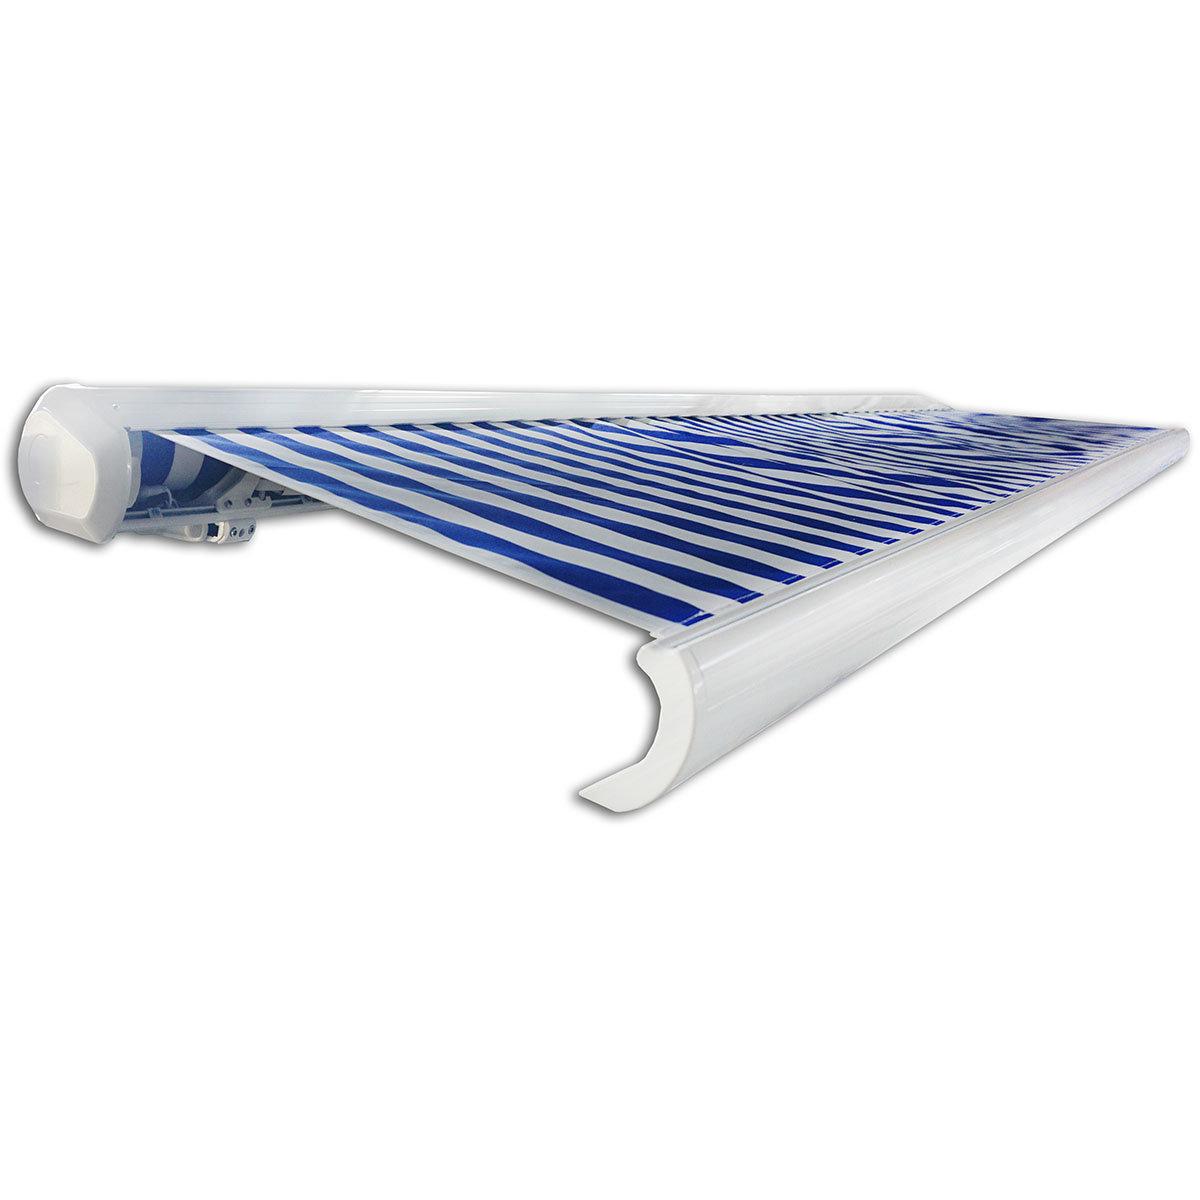 Vollelektrische Kassettenmarkise Elos V2 marineblau-weiß 500 x 300 cm mit Windsensor | #3